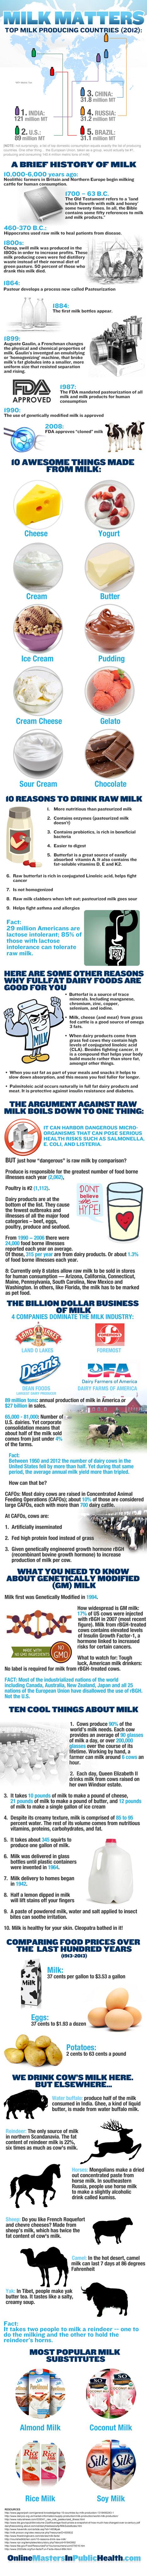 Milk Industry Outlook-Infographic